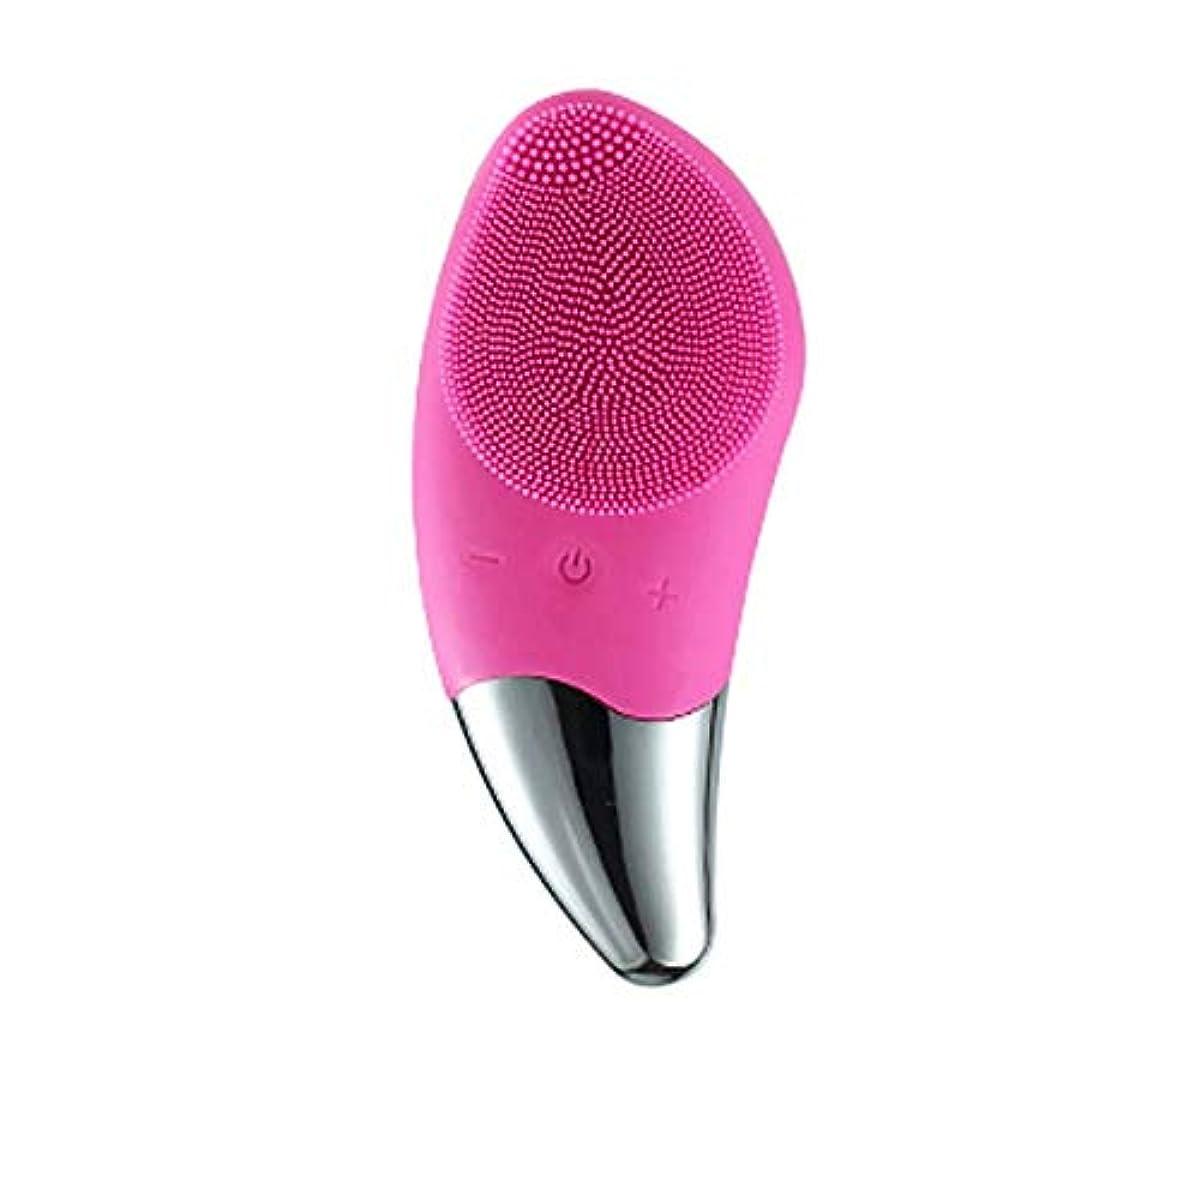 スロー絶壁集計新しい115°F加熱クレンジング器具シリコーン洗浄器具電動洗浄ブラシ洗浄アーチファクト毛穴洗浄ブラシ